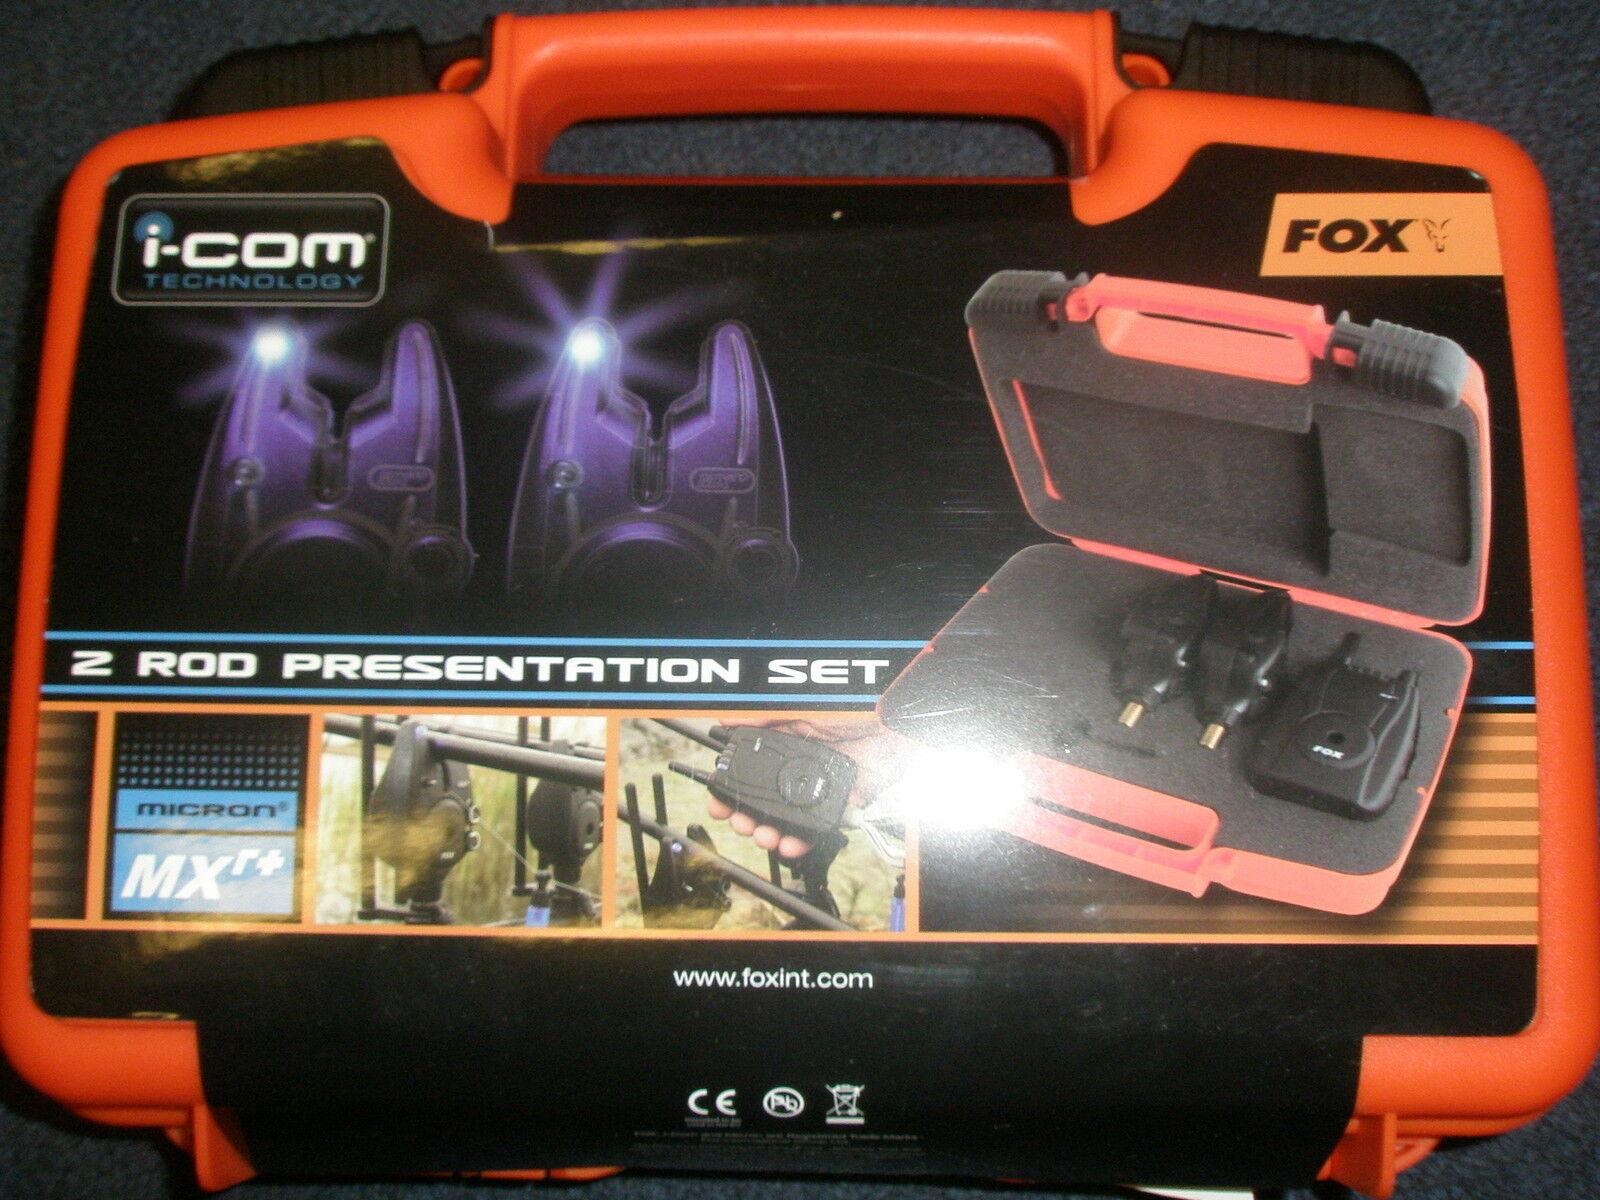 Fox  Micron Mxr+ 2 Alarma (Todo Azul) y Receptor Juego Pesca de Cochepa Anzuelo  precio mas barato